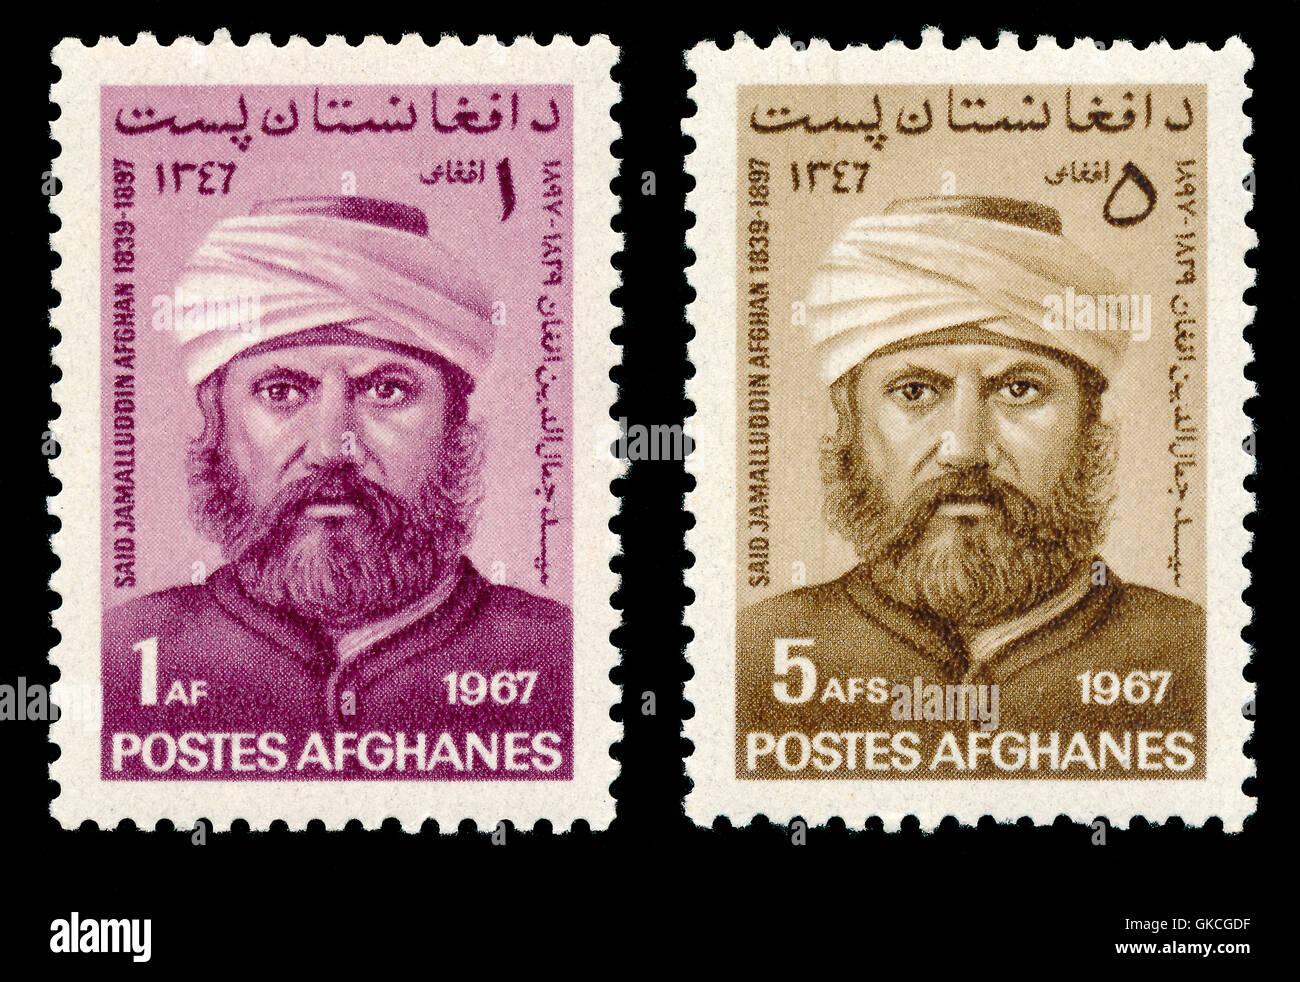 Sayyid Jamāl al-Dīn al-Afghānī, or Sayyid Jamāl ad-Dīn Asadābādī, 1838/1839-1897, a political activist and Islamic - Stock Image